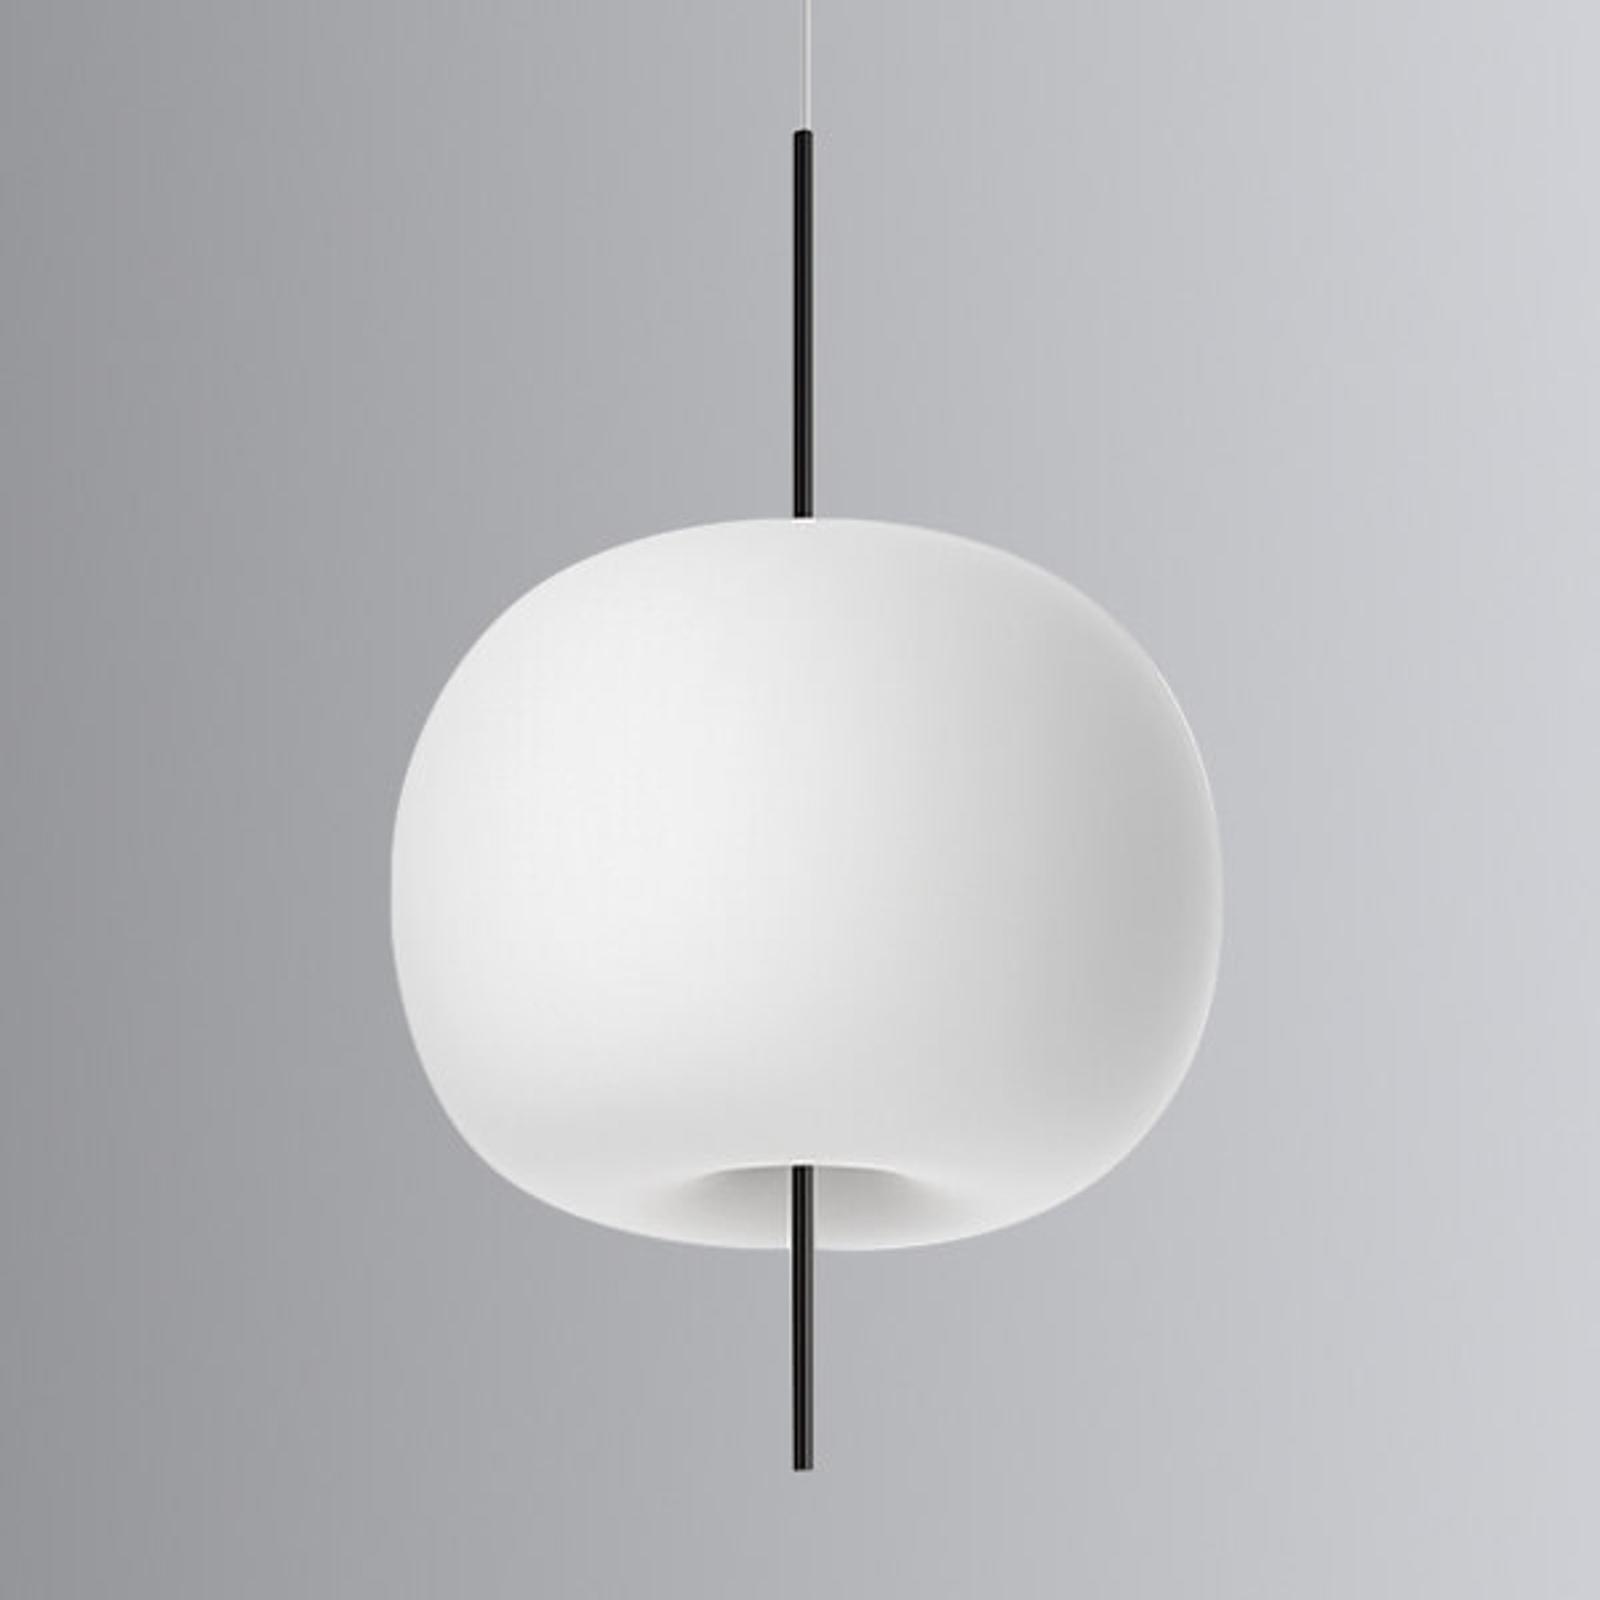 Kundalini Kushi - LED-Hängeleuchte schwarz 33cm